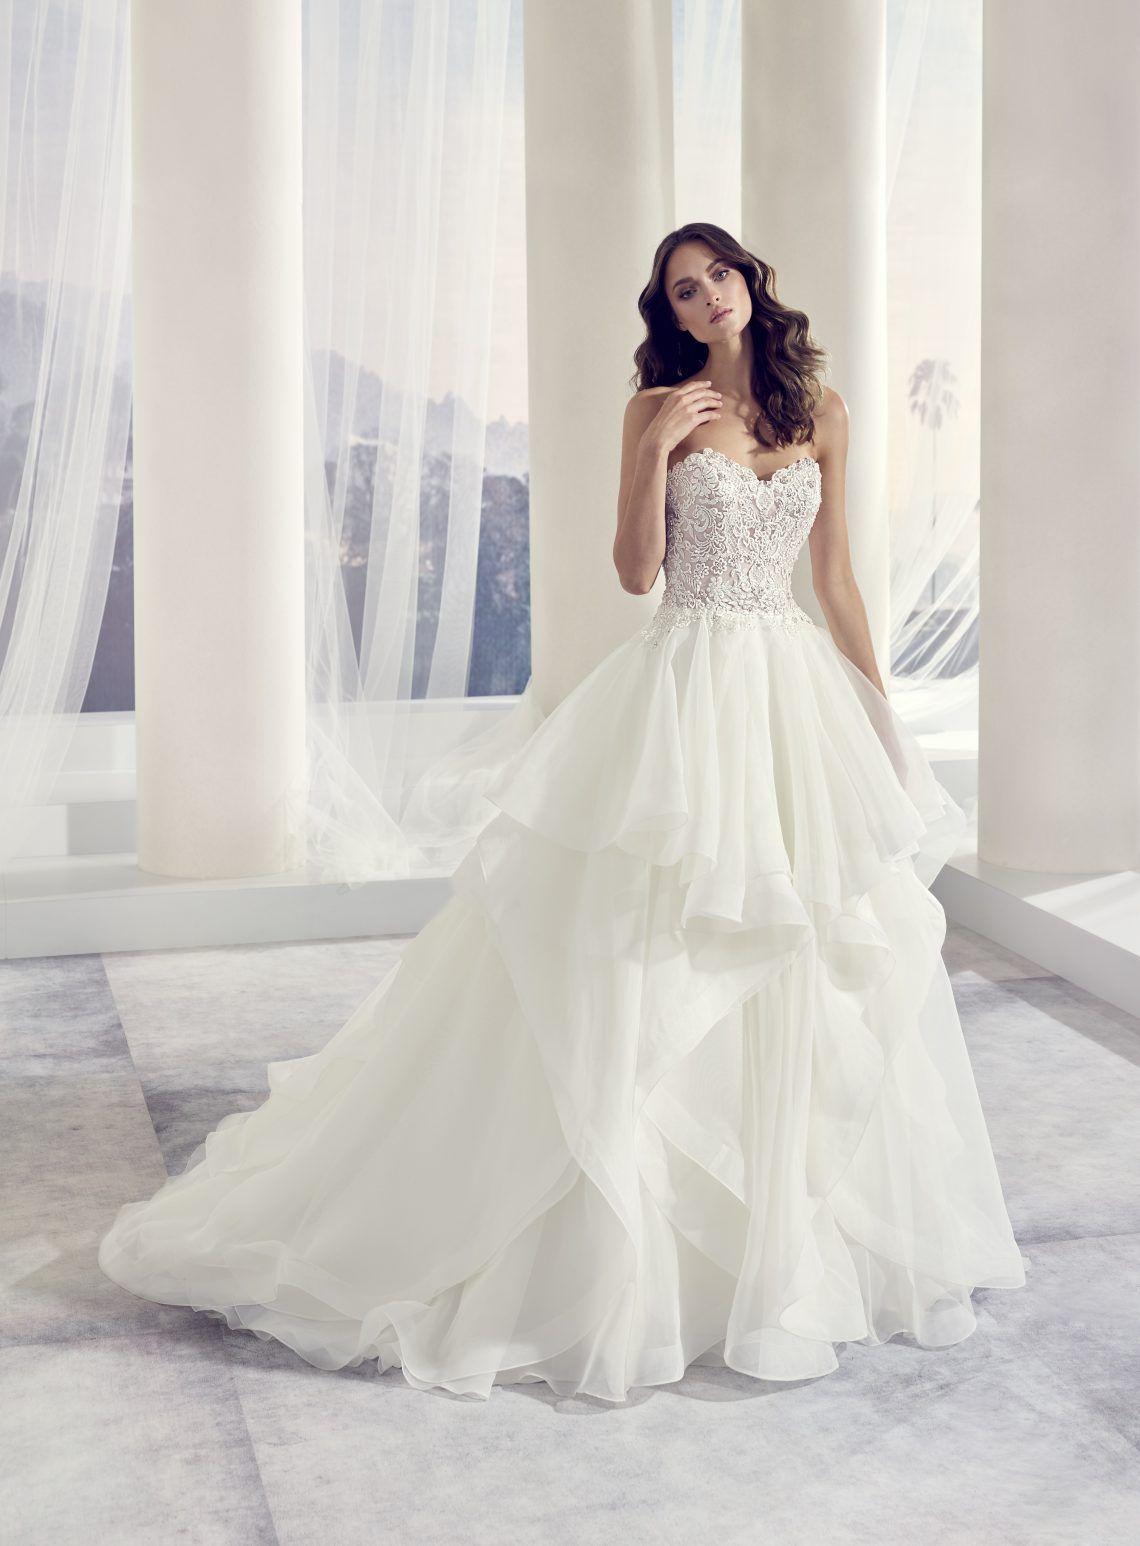 Wunderbar Hochzeitskleid Geschäfte In Dallas Tx Bilder ...